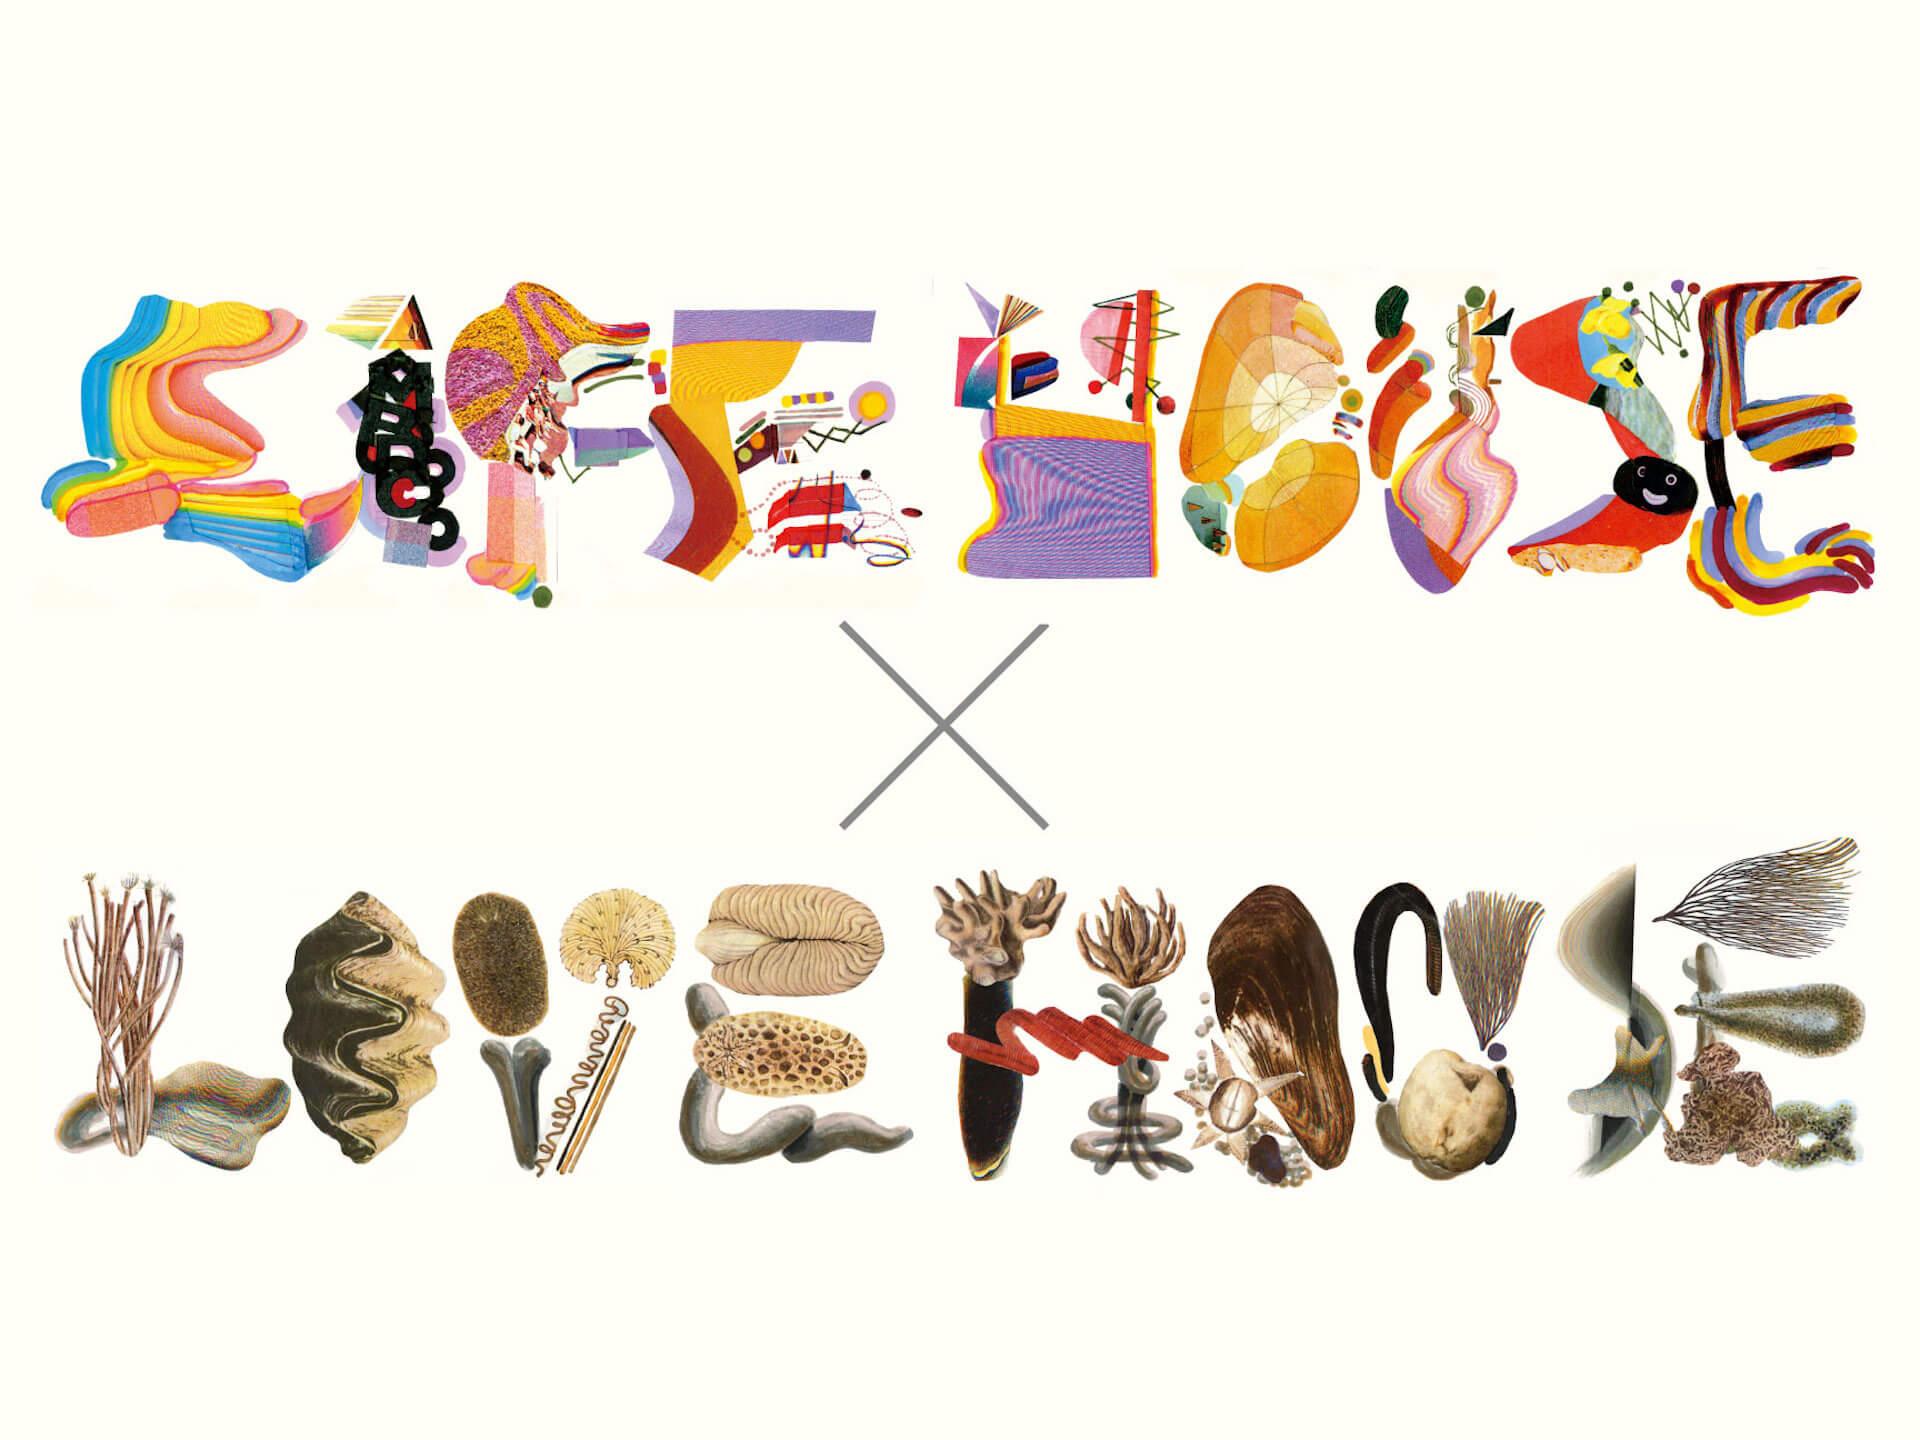 七尾旅人が対コロナ支援配信「LIFE HOUSE」で10周年を迎えた渋谷WWWの特別公演を開催決定!ゲストにマヒトゥ・ザ・ピーポー music201109_livehouse_2